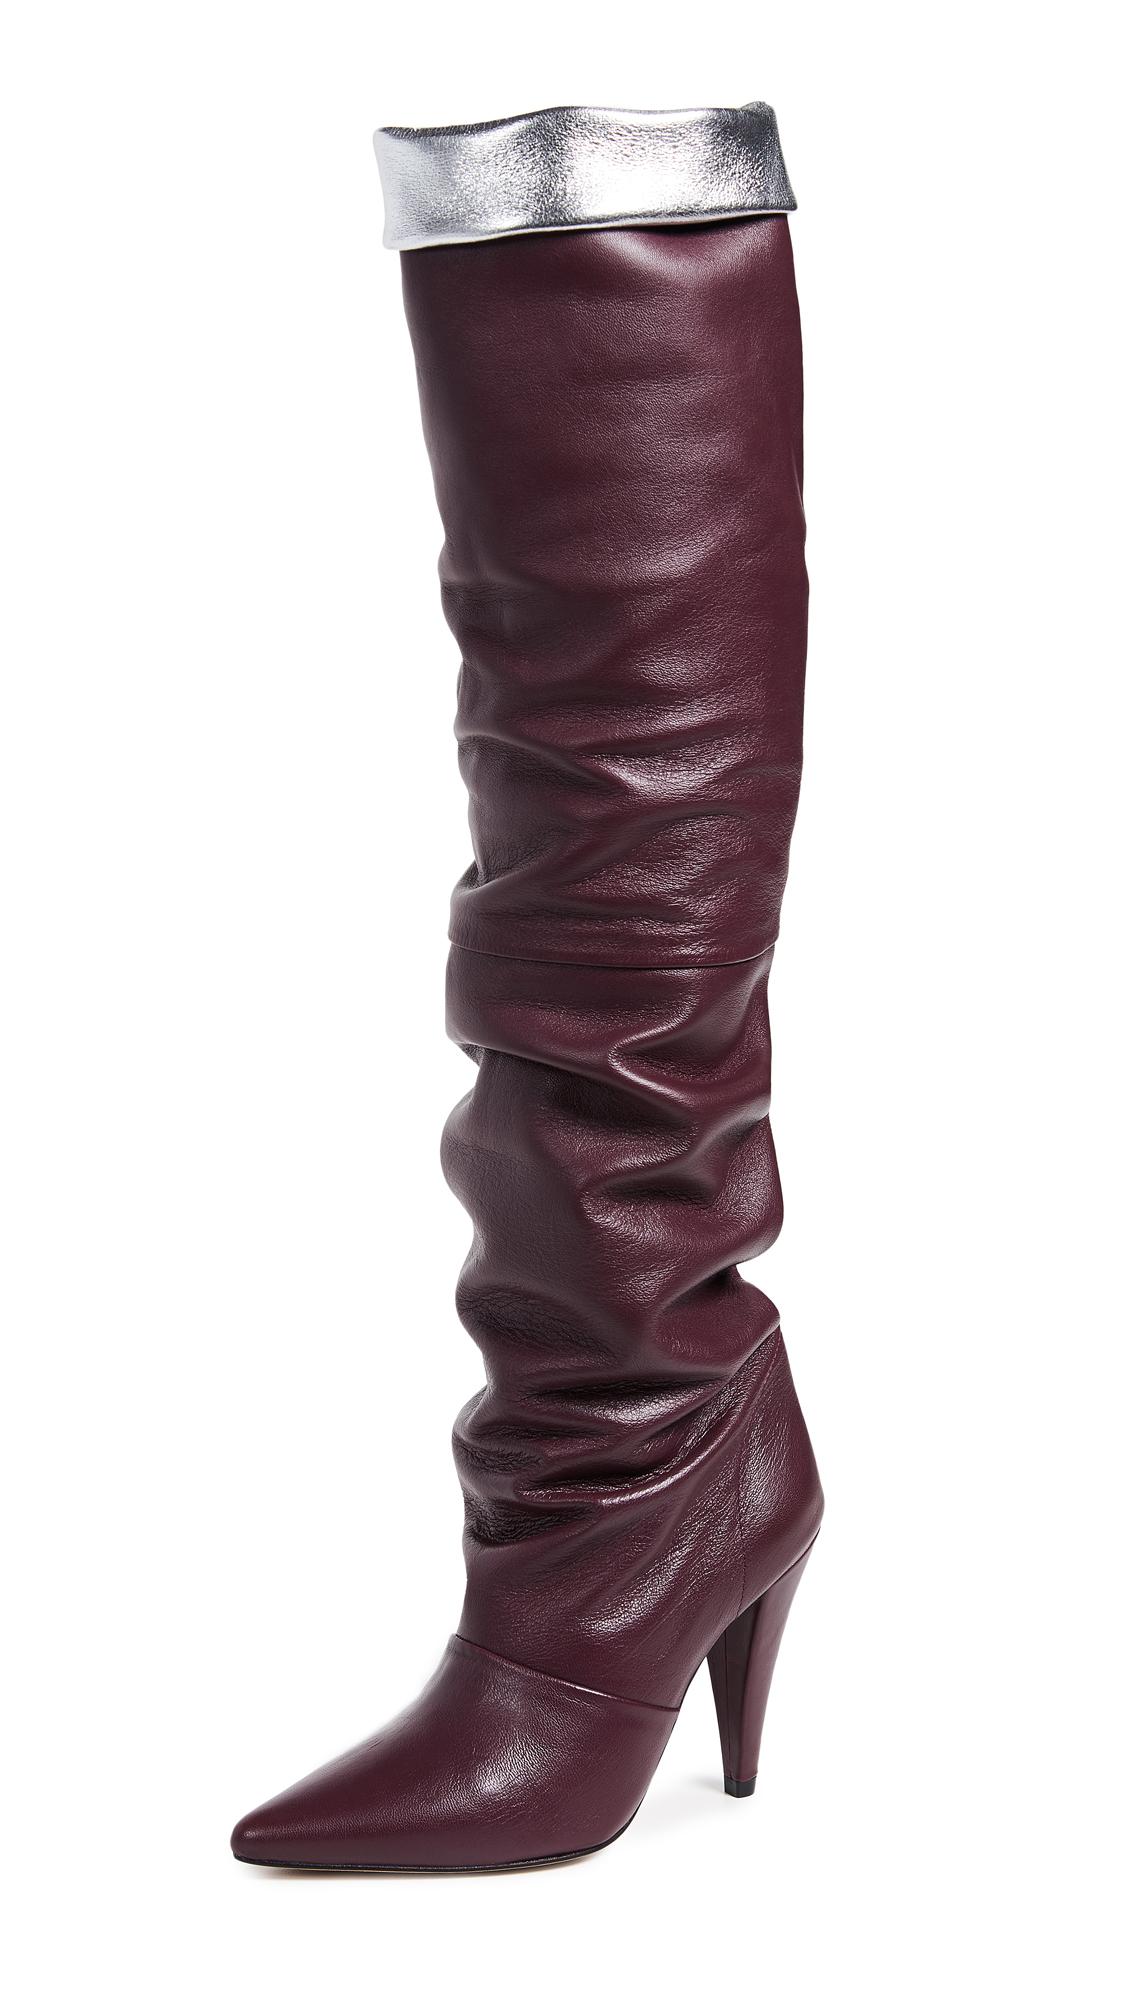 IRO Ava Boots - Burgundy